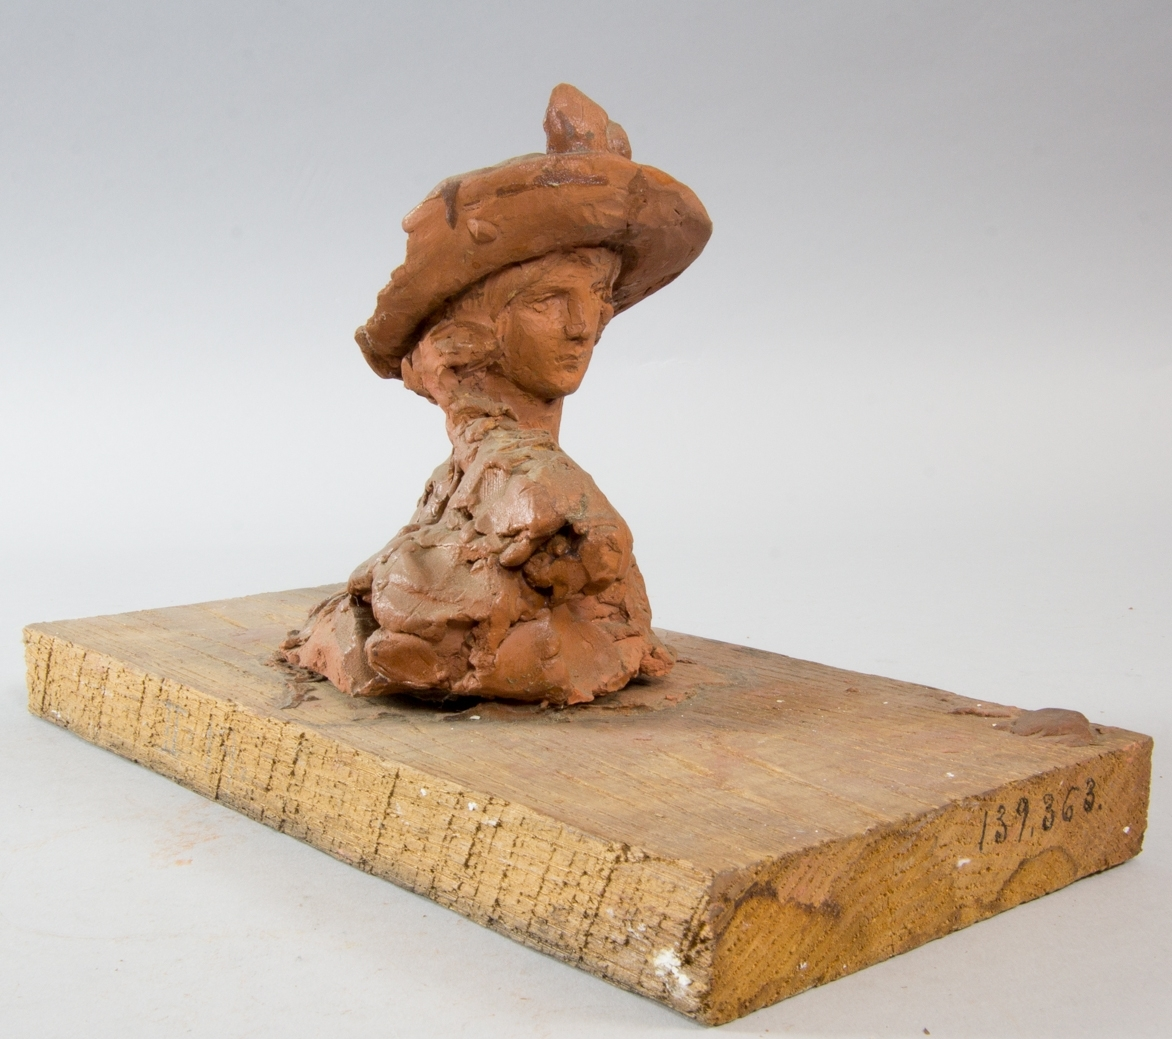 Herdinna, bröstbild, klädd i bredbrättad hatt.